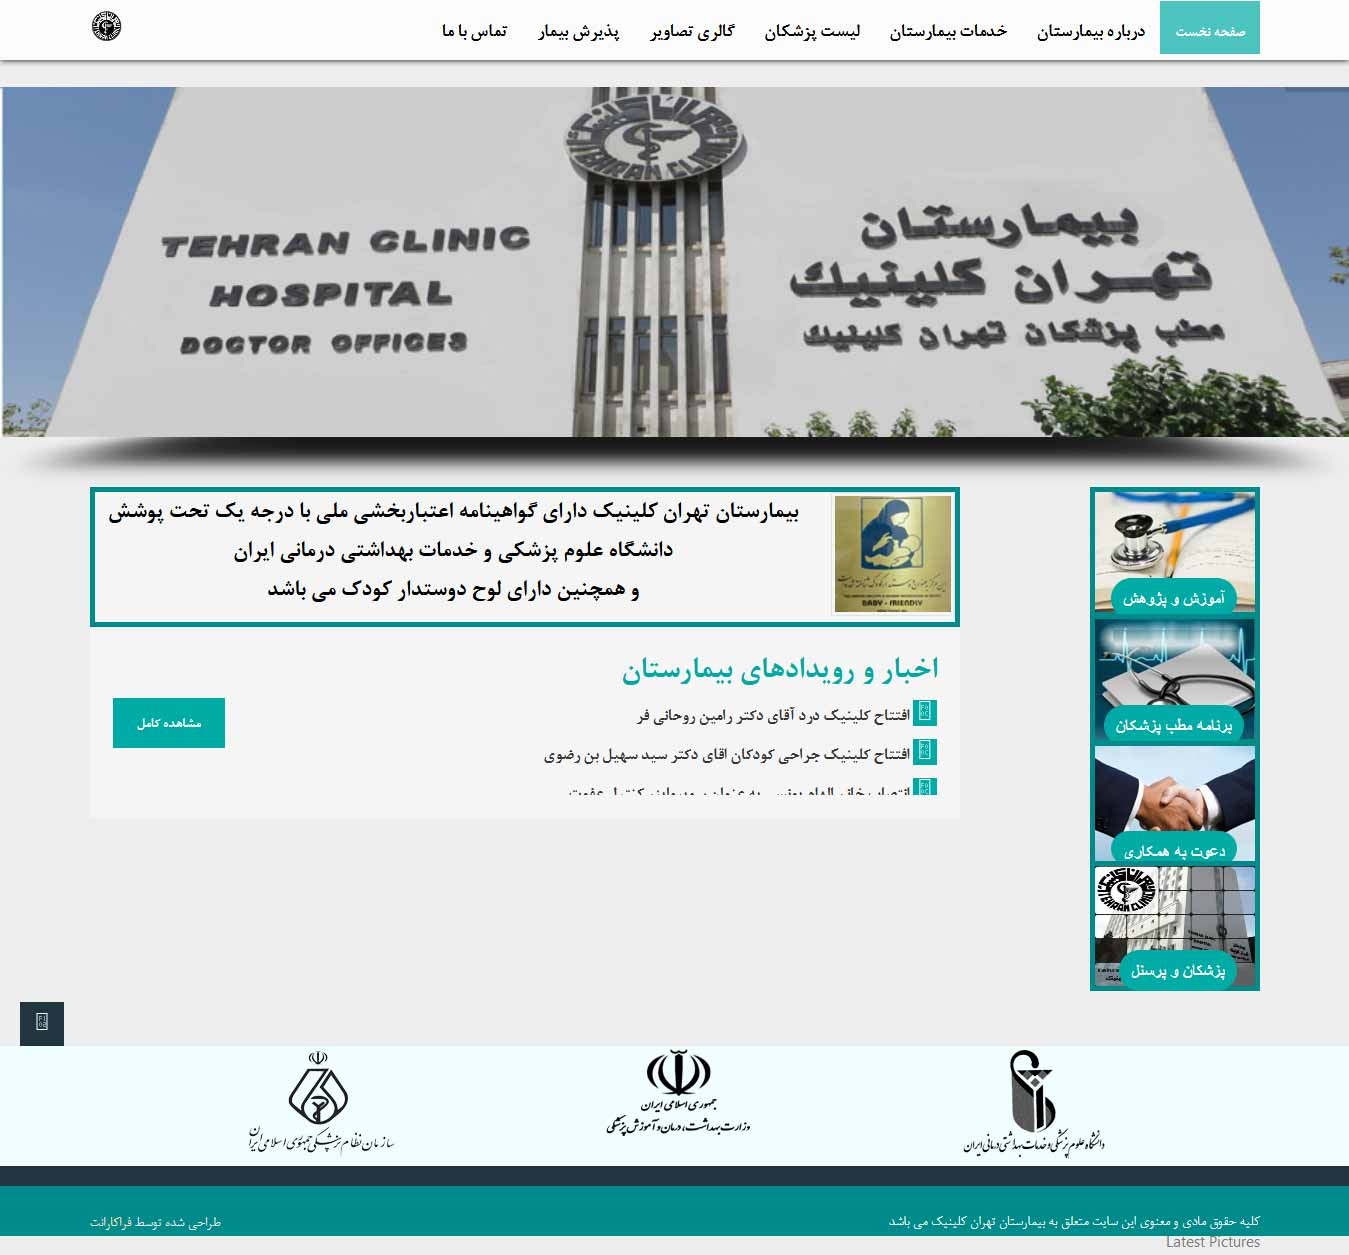 طراحی سایت بیمارستان تهران کلینیک